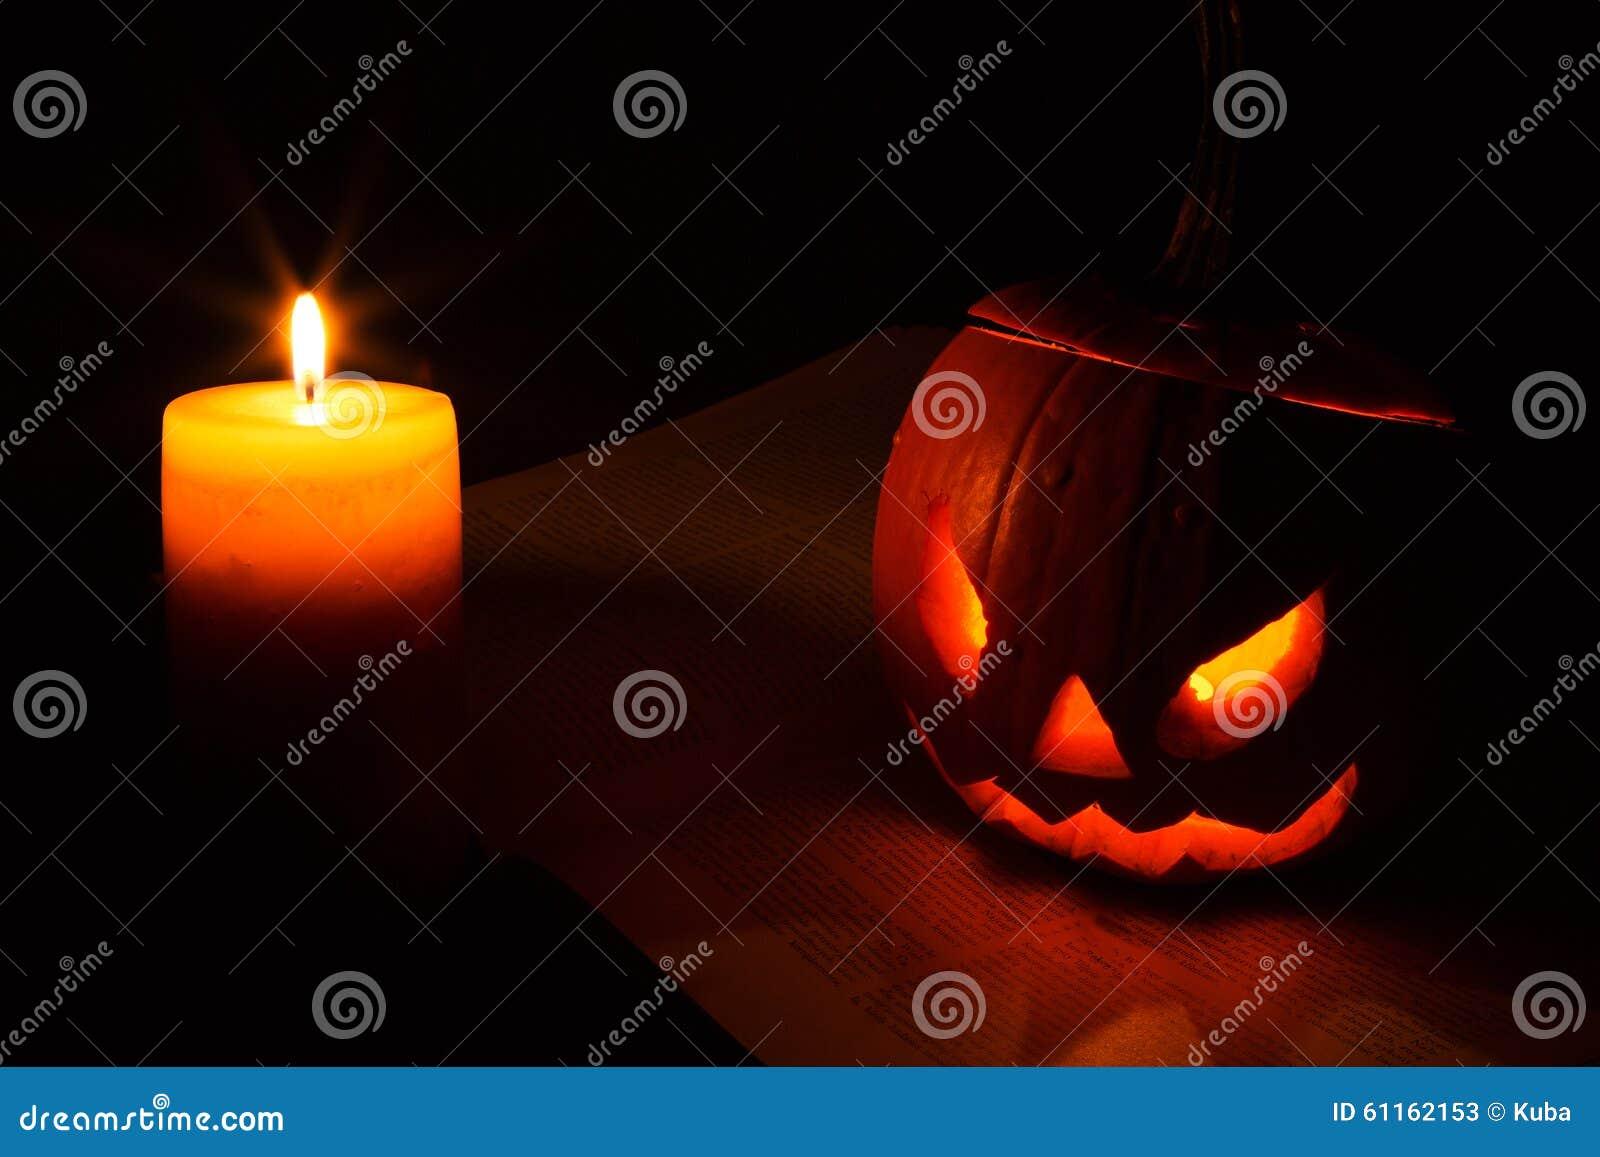 Halloweenowa bania i świeczka na książce